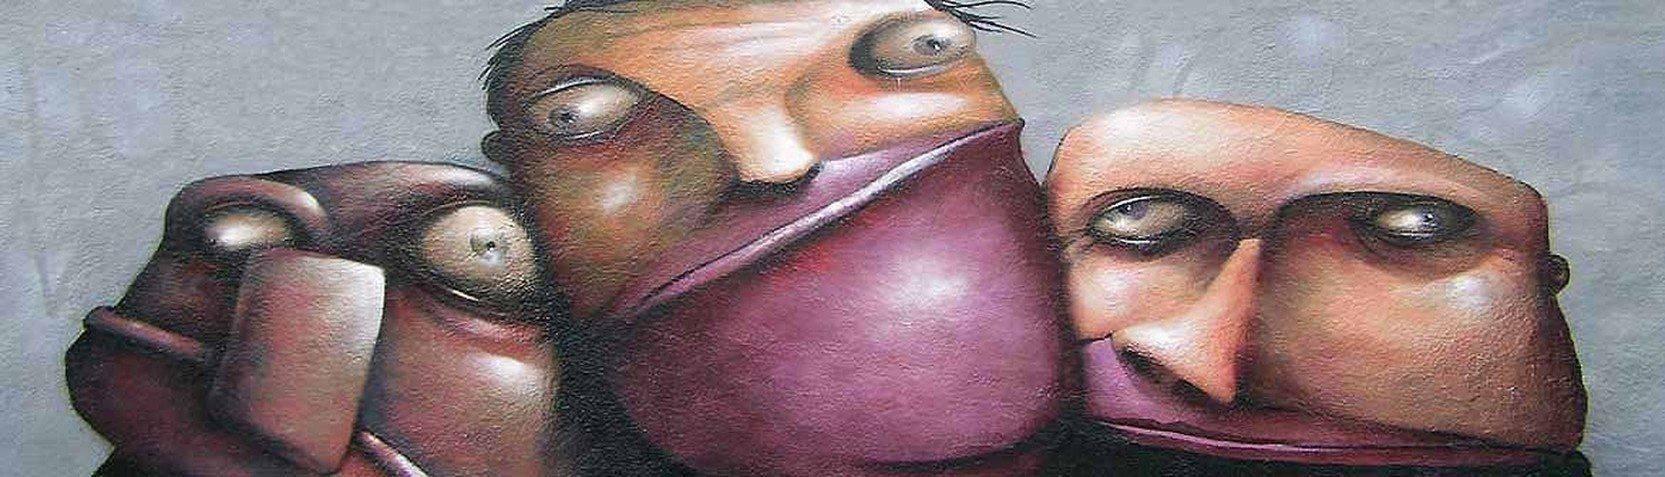 Stili artistici - Graffiti & arte di strada